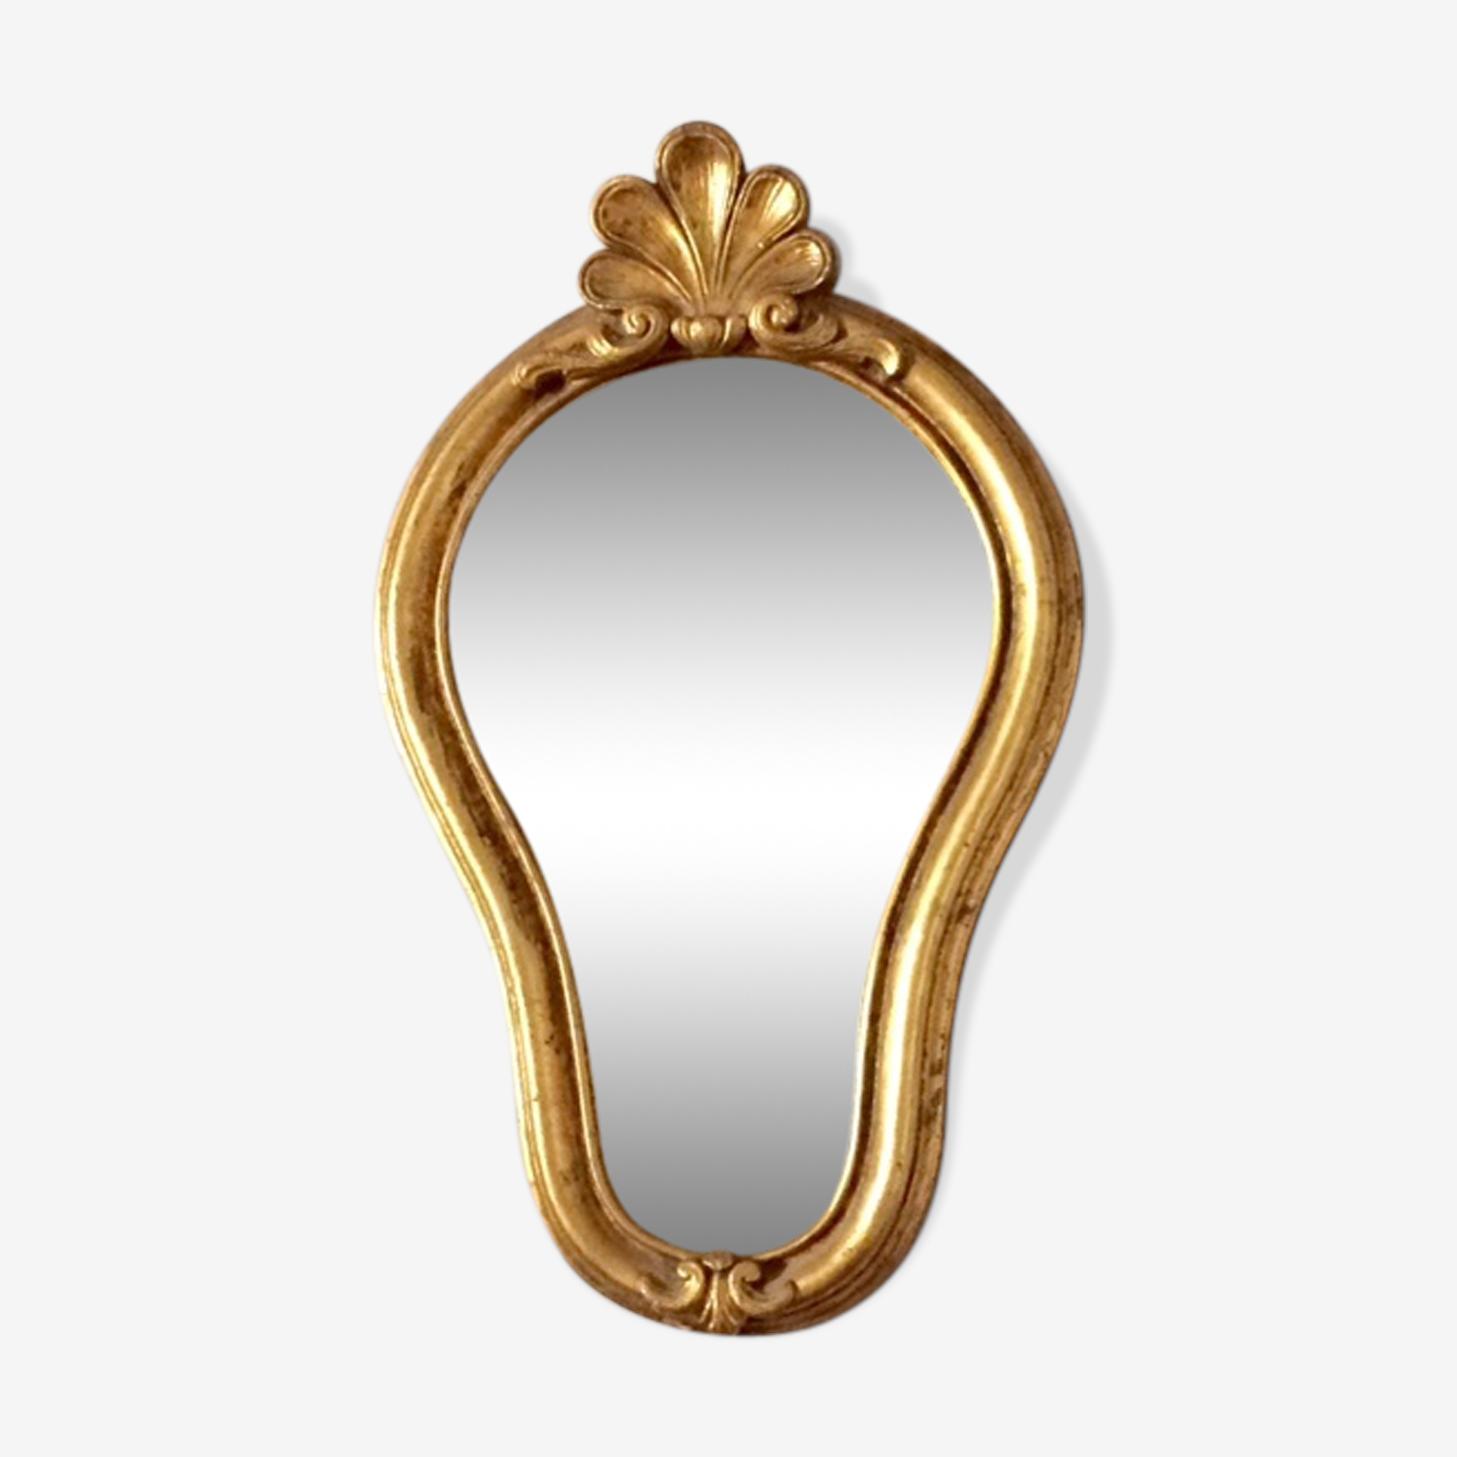 Miroir baroque cadre en bois doré 29x48 cm